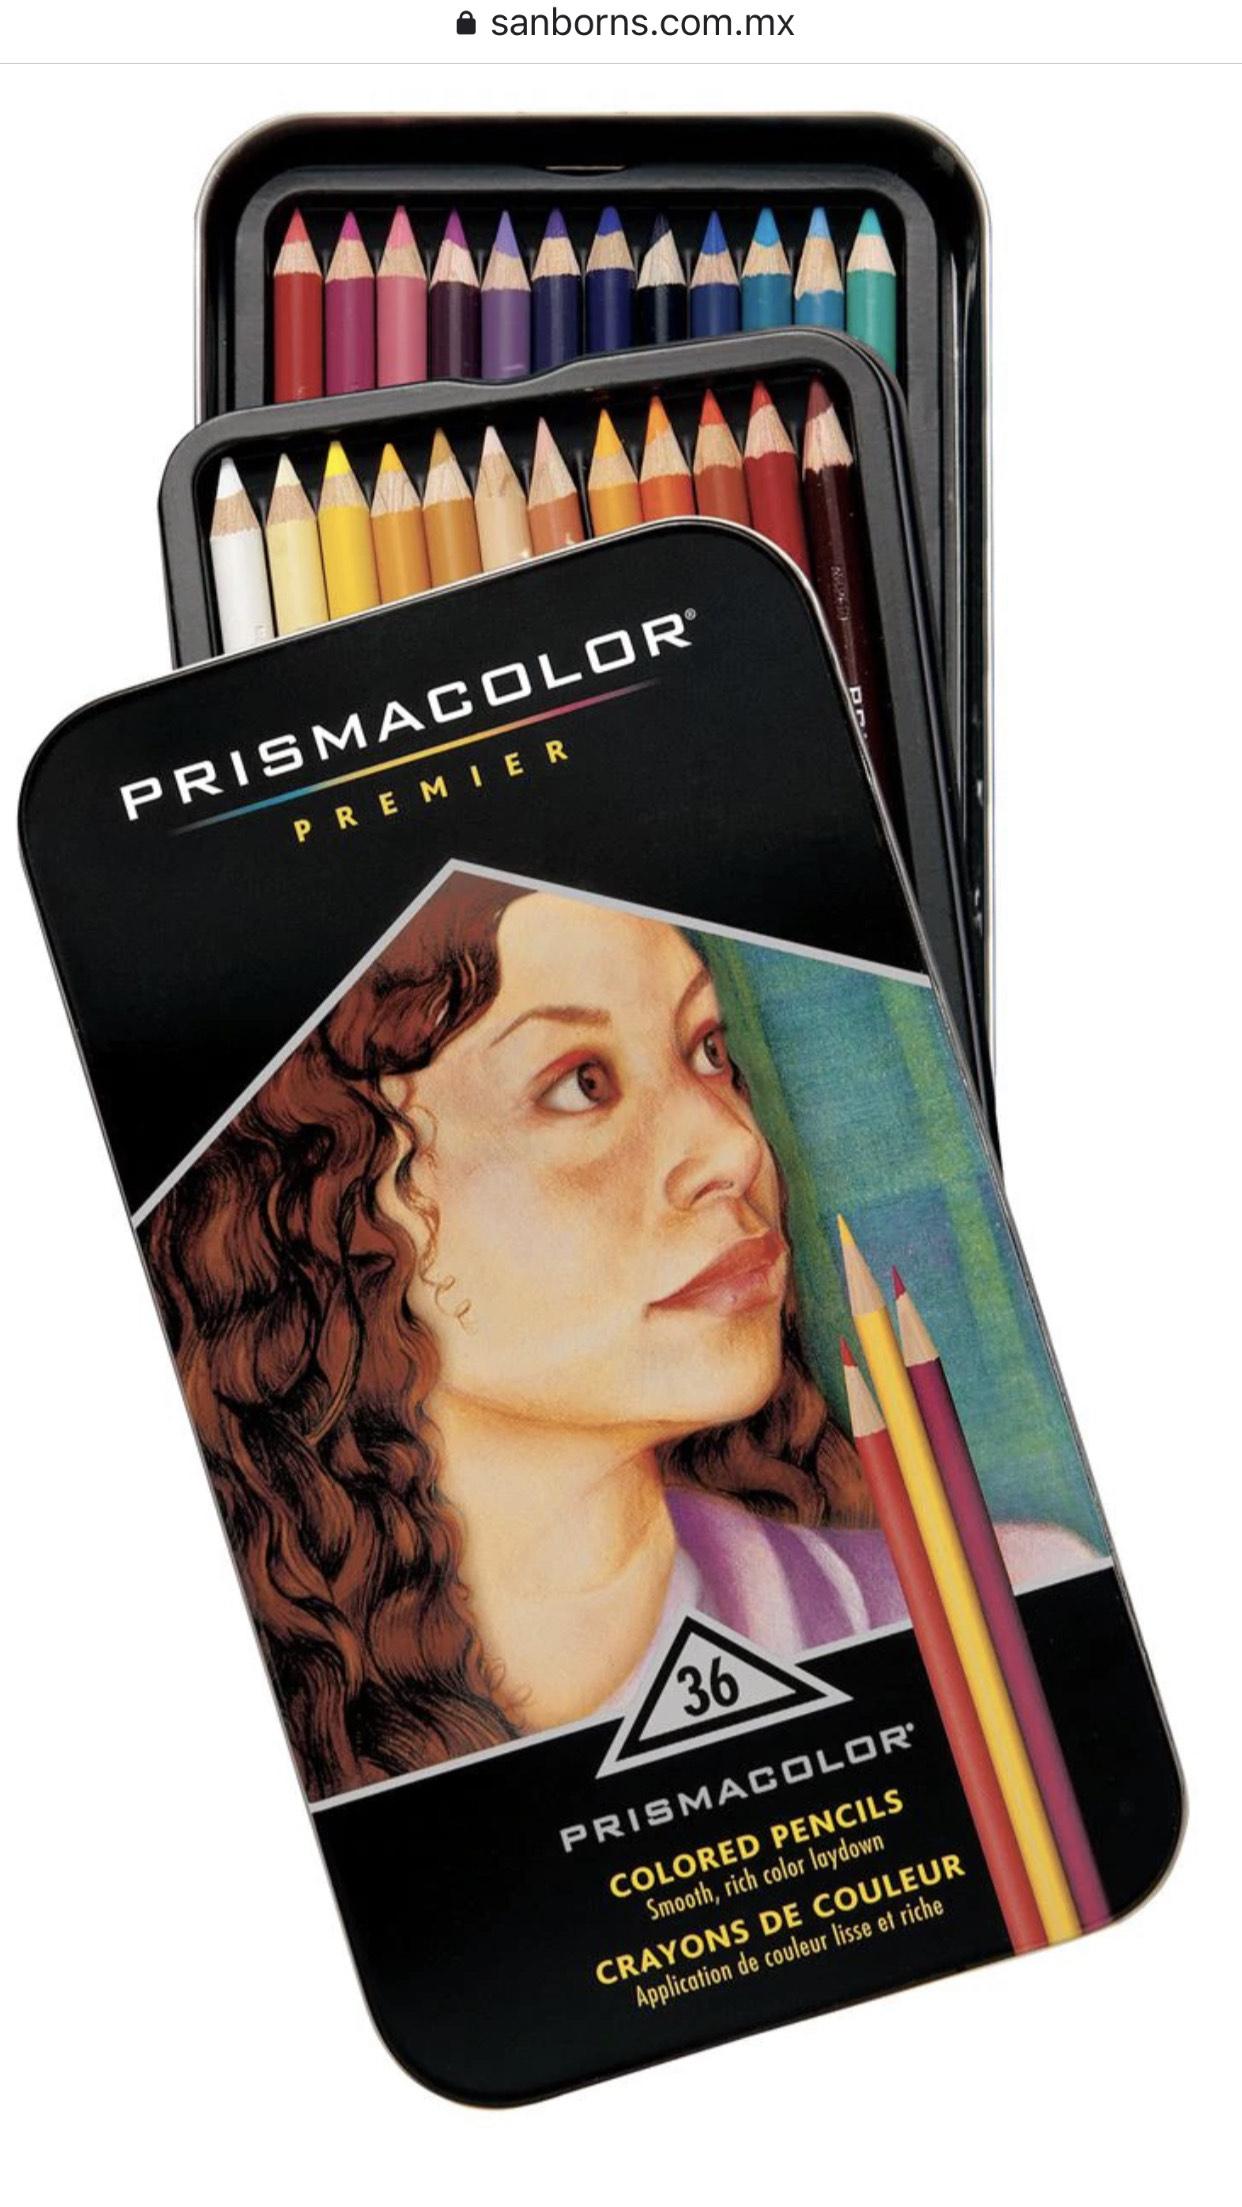 Sanborns: variedad de Prismacolor Premier y Junior con hasta 52% de descuento